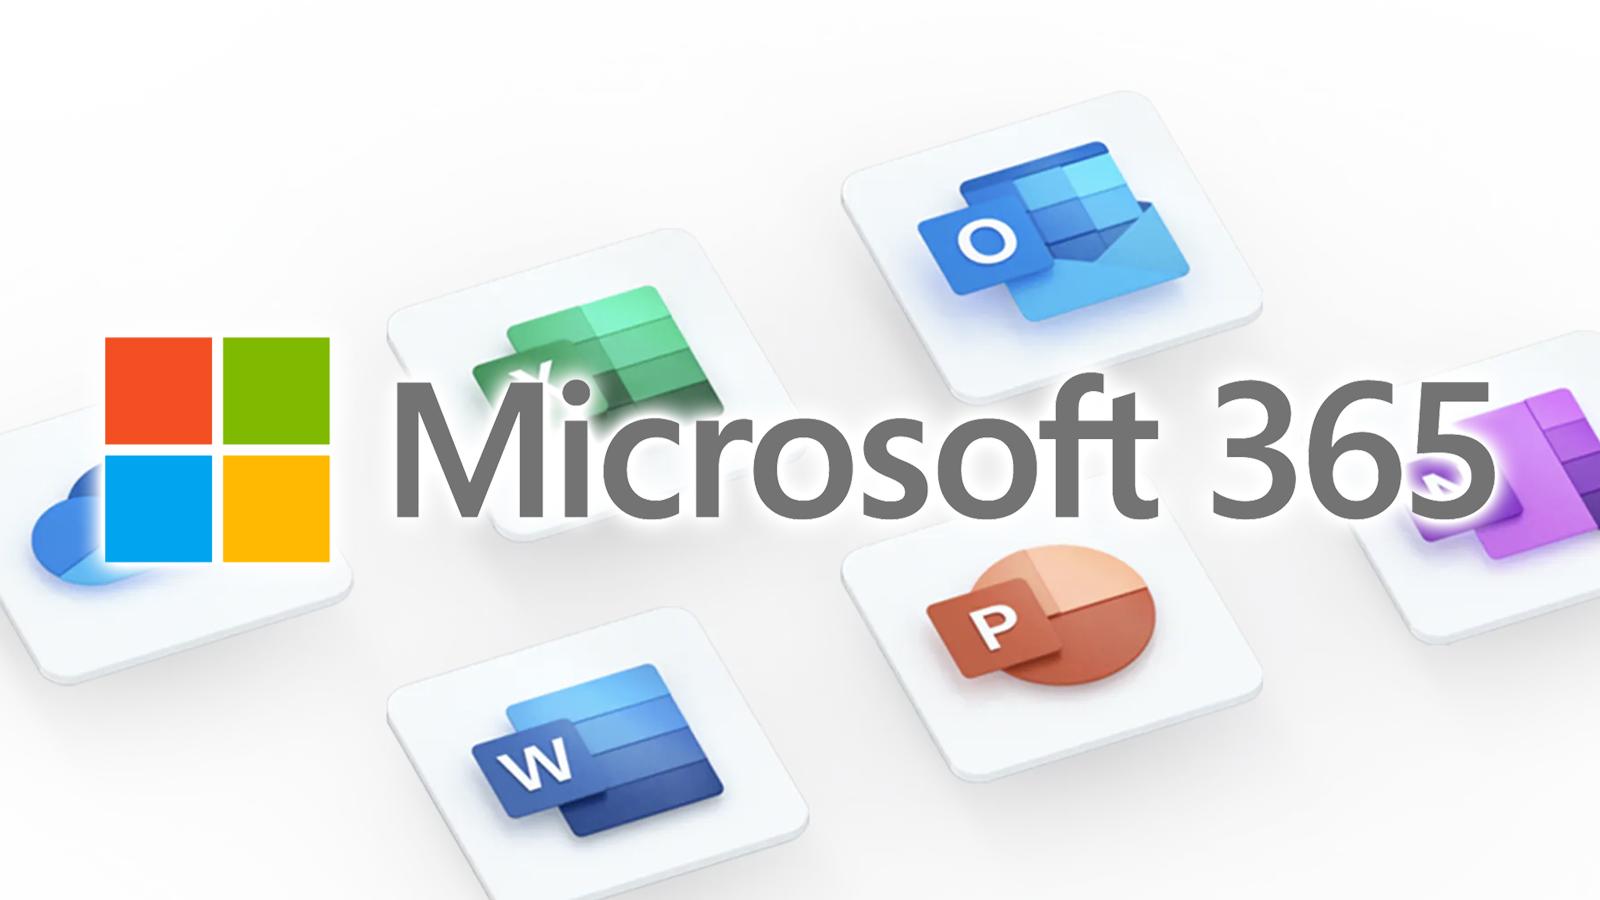 Logo i napis Microsoft 365, kolorowe ikony programów Office